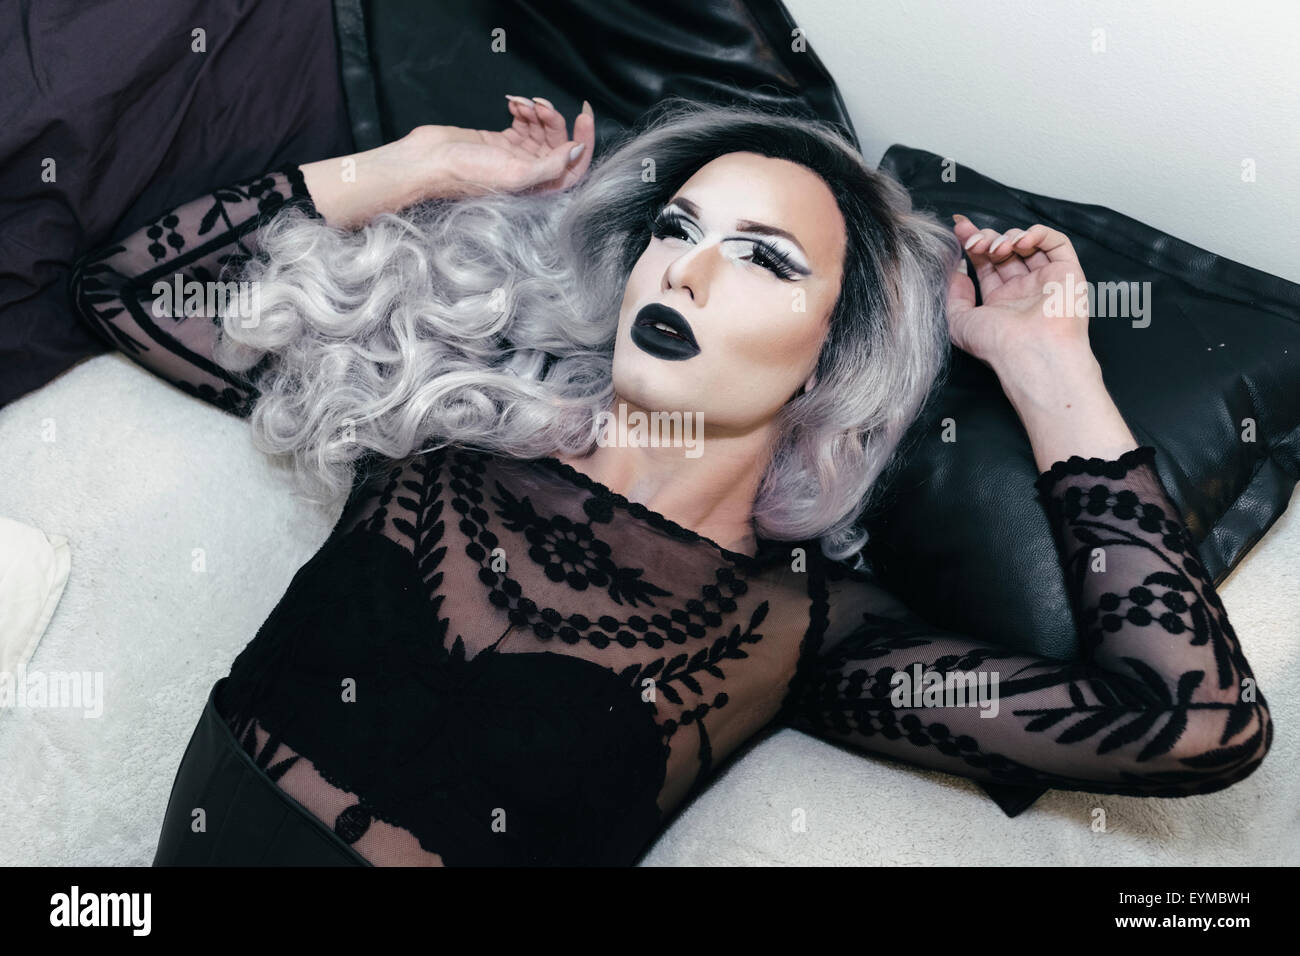 Maschio di drag queen in posa per pin-up ritratto di stile a casa. Foto Stock